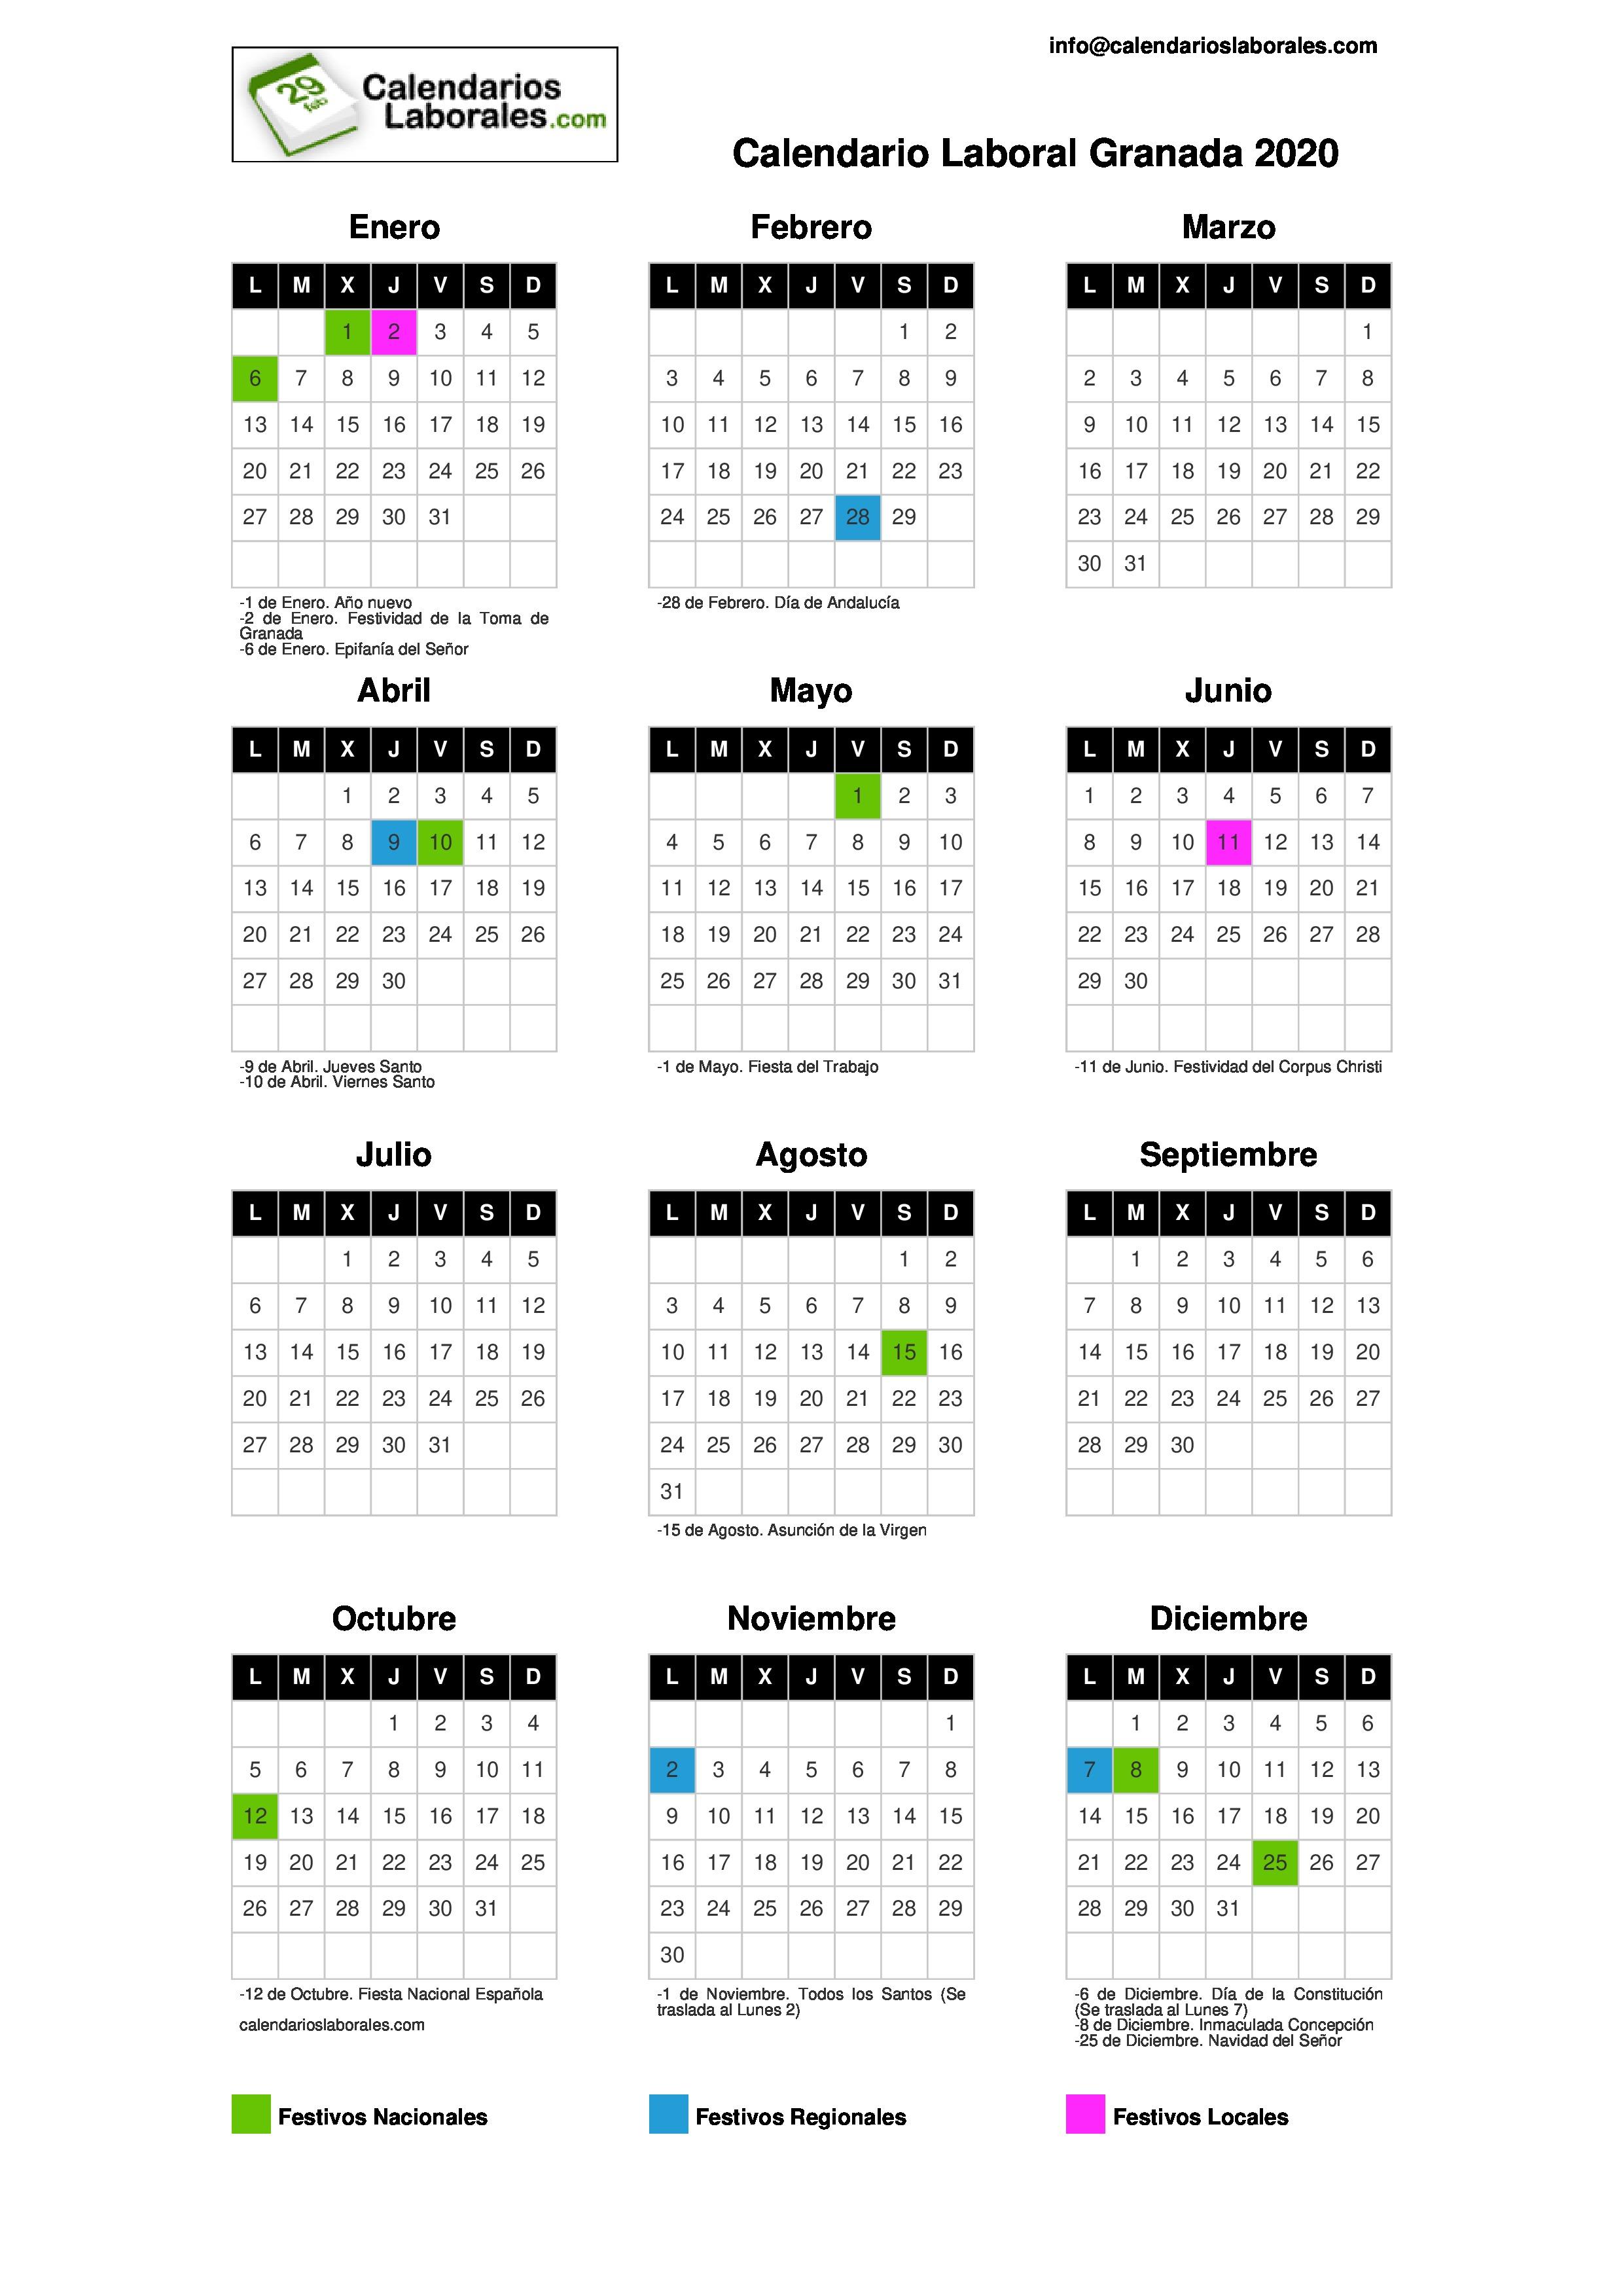 Calendario 2020 Y 2019.Calendario Laboral Granada 2020